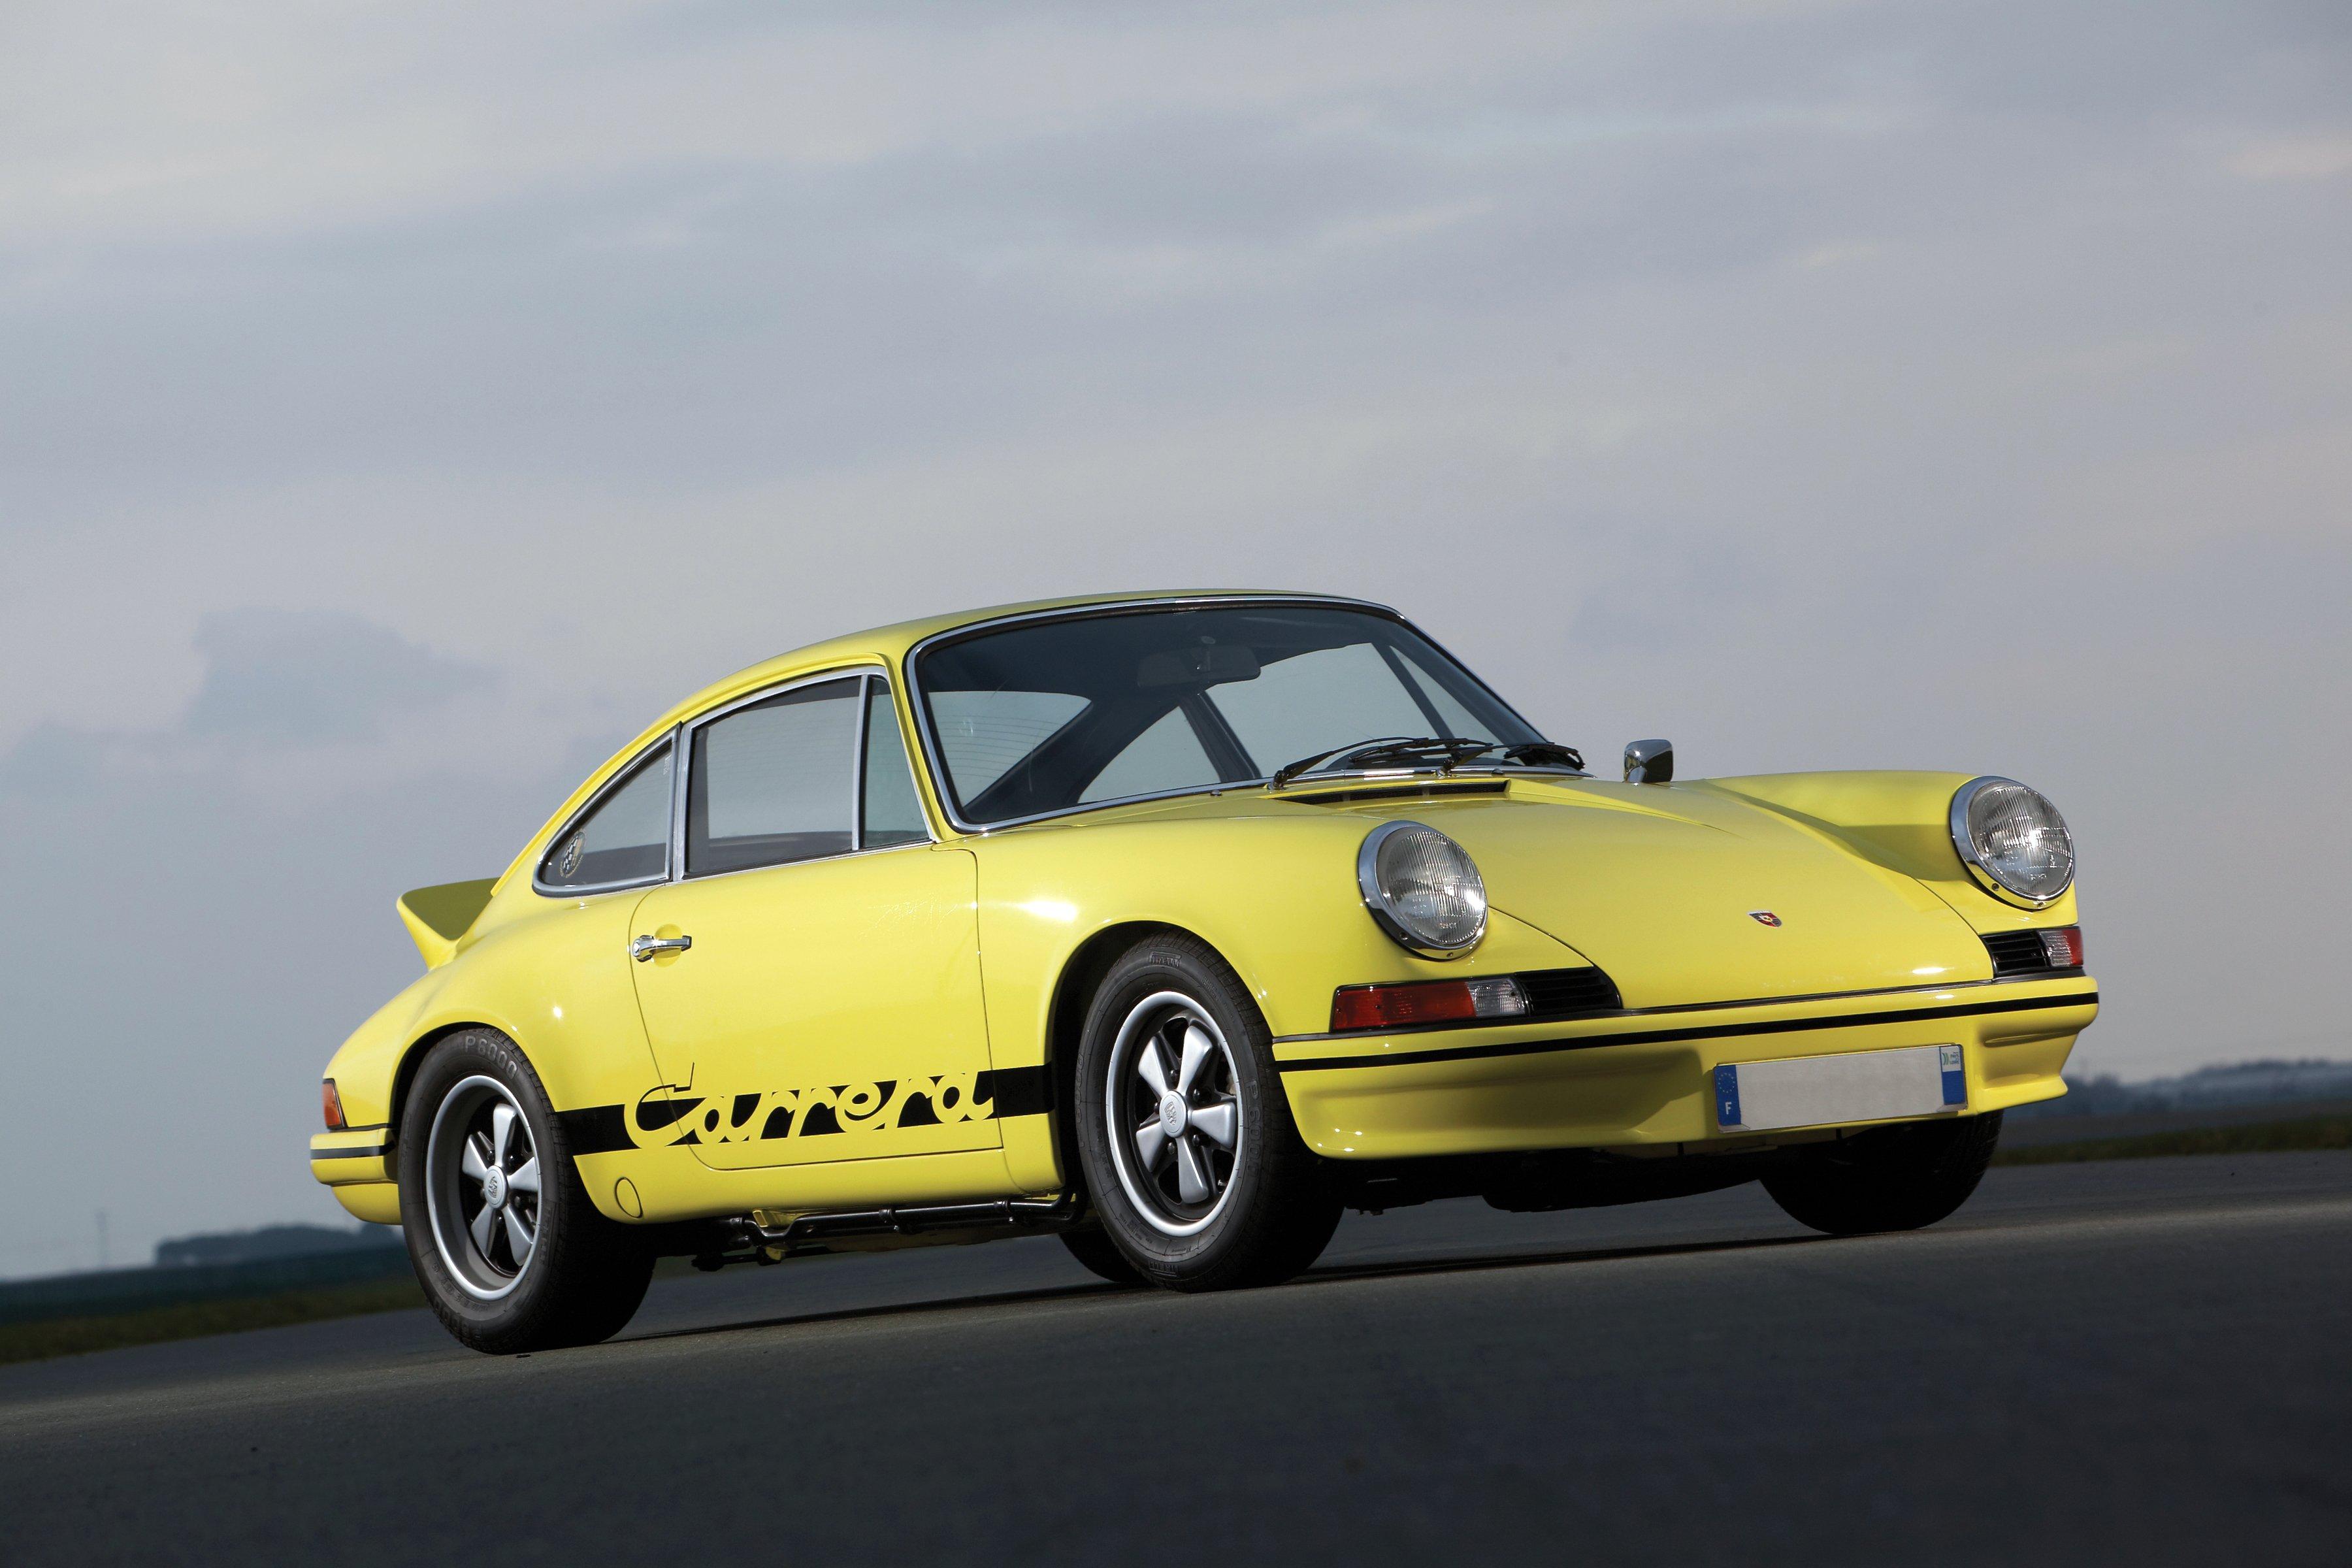 Porsche 911 Sport Classic Wallpaper: 1972 Porsche 911 Carrera R-S 2-7 Sport Classic Wallpaper